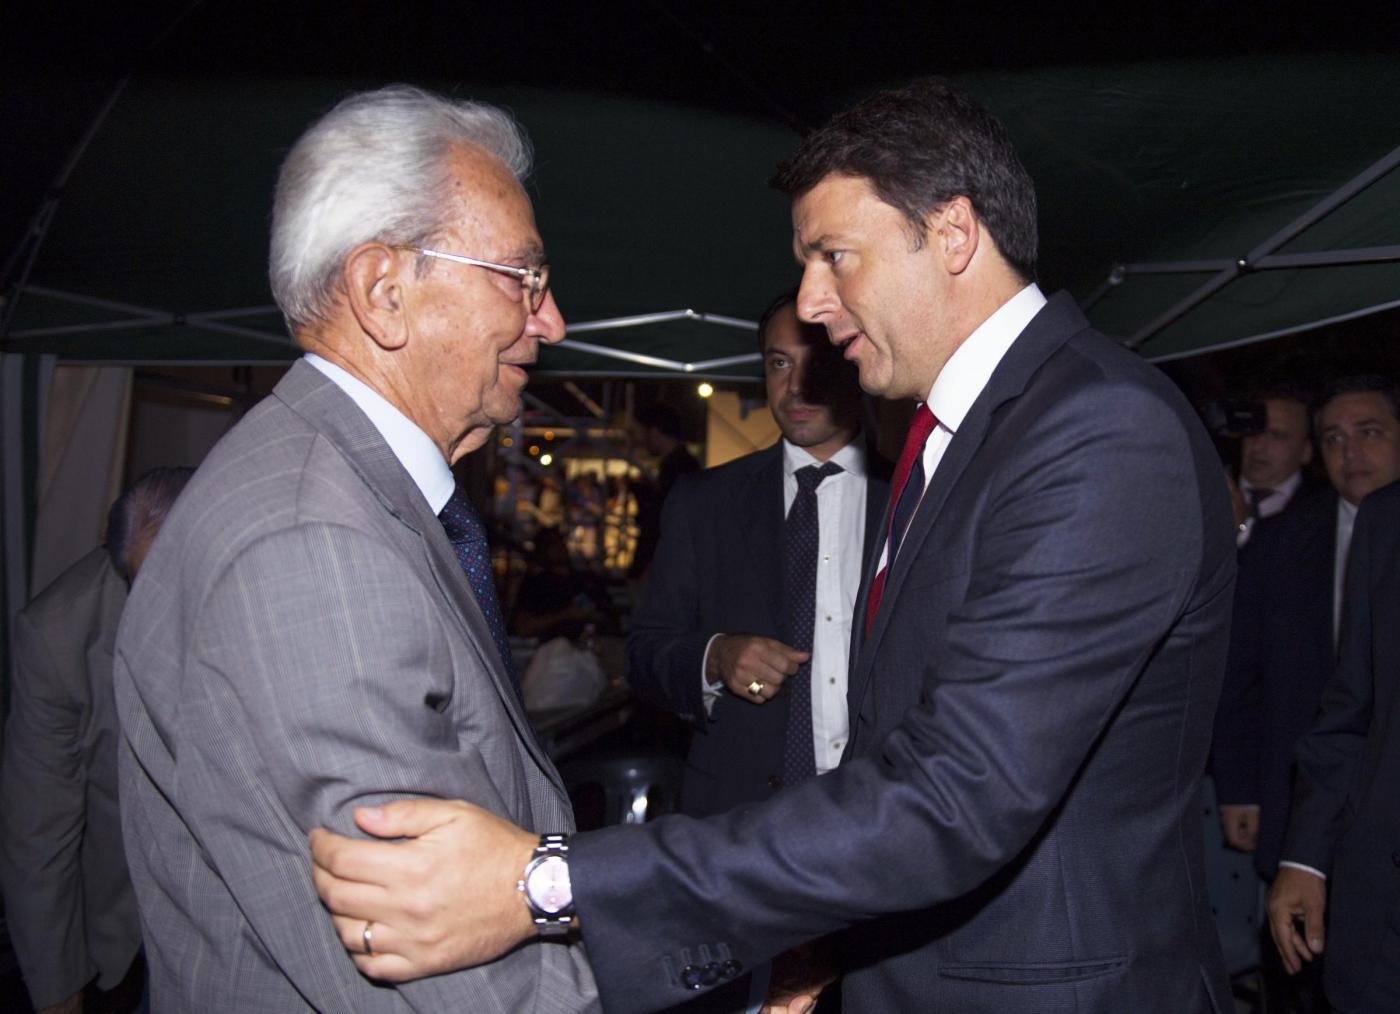 Referendum, il confronto tra Renzi e il presidente Anpi alla Festa dell'Unità